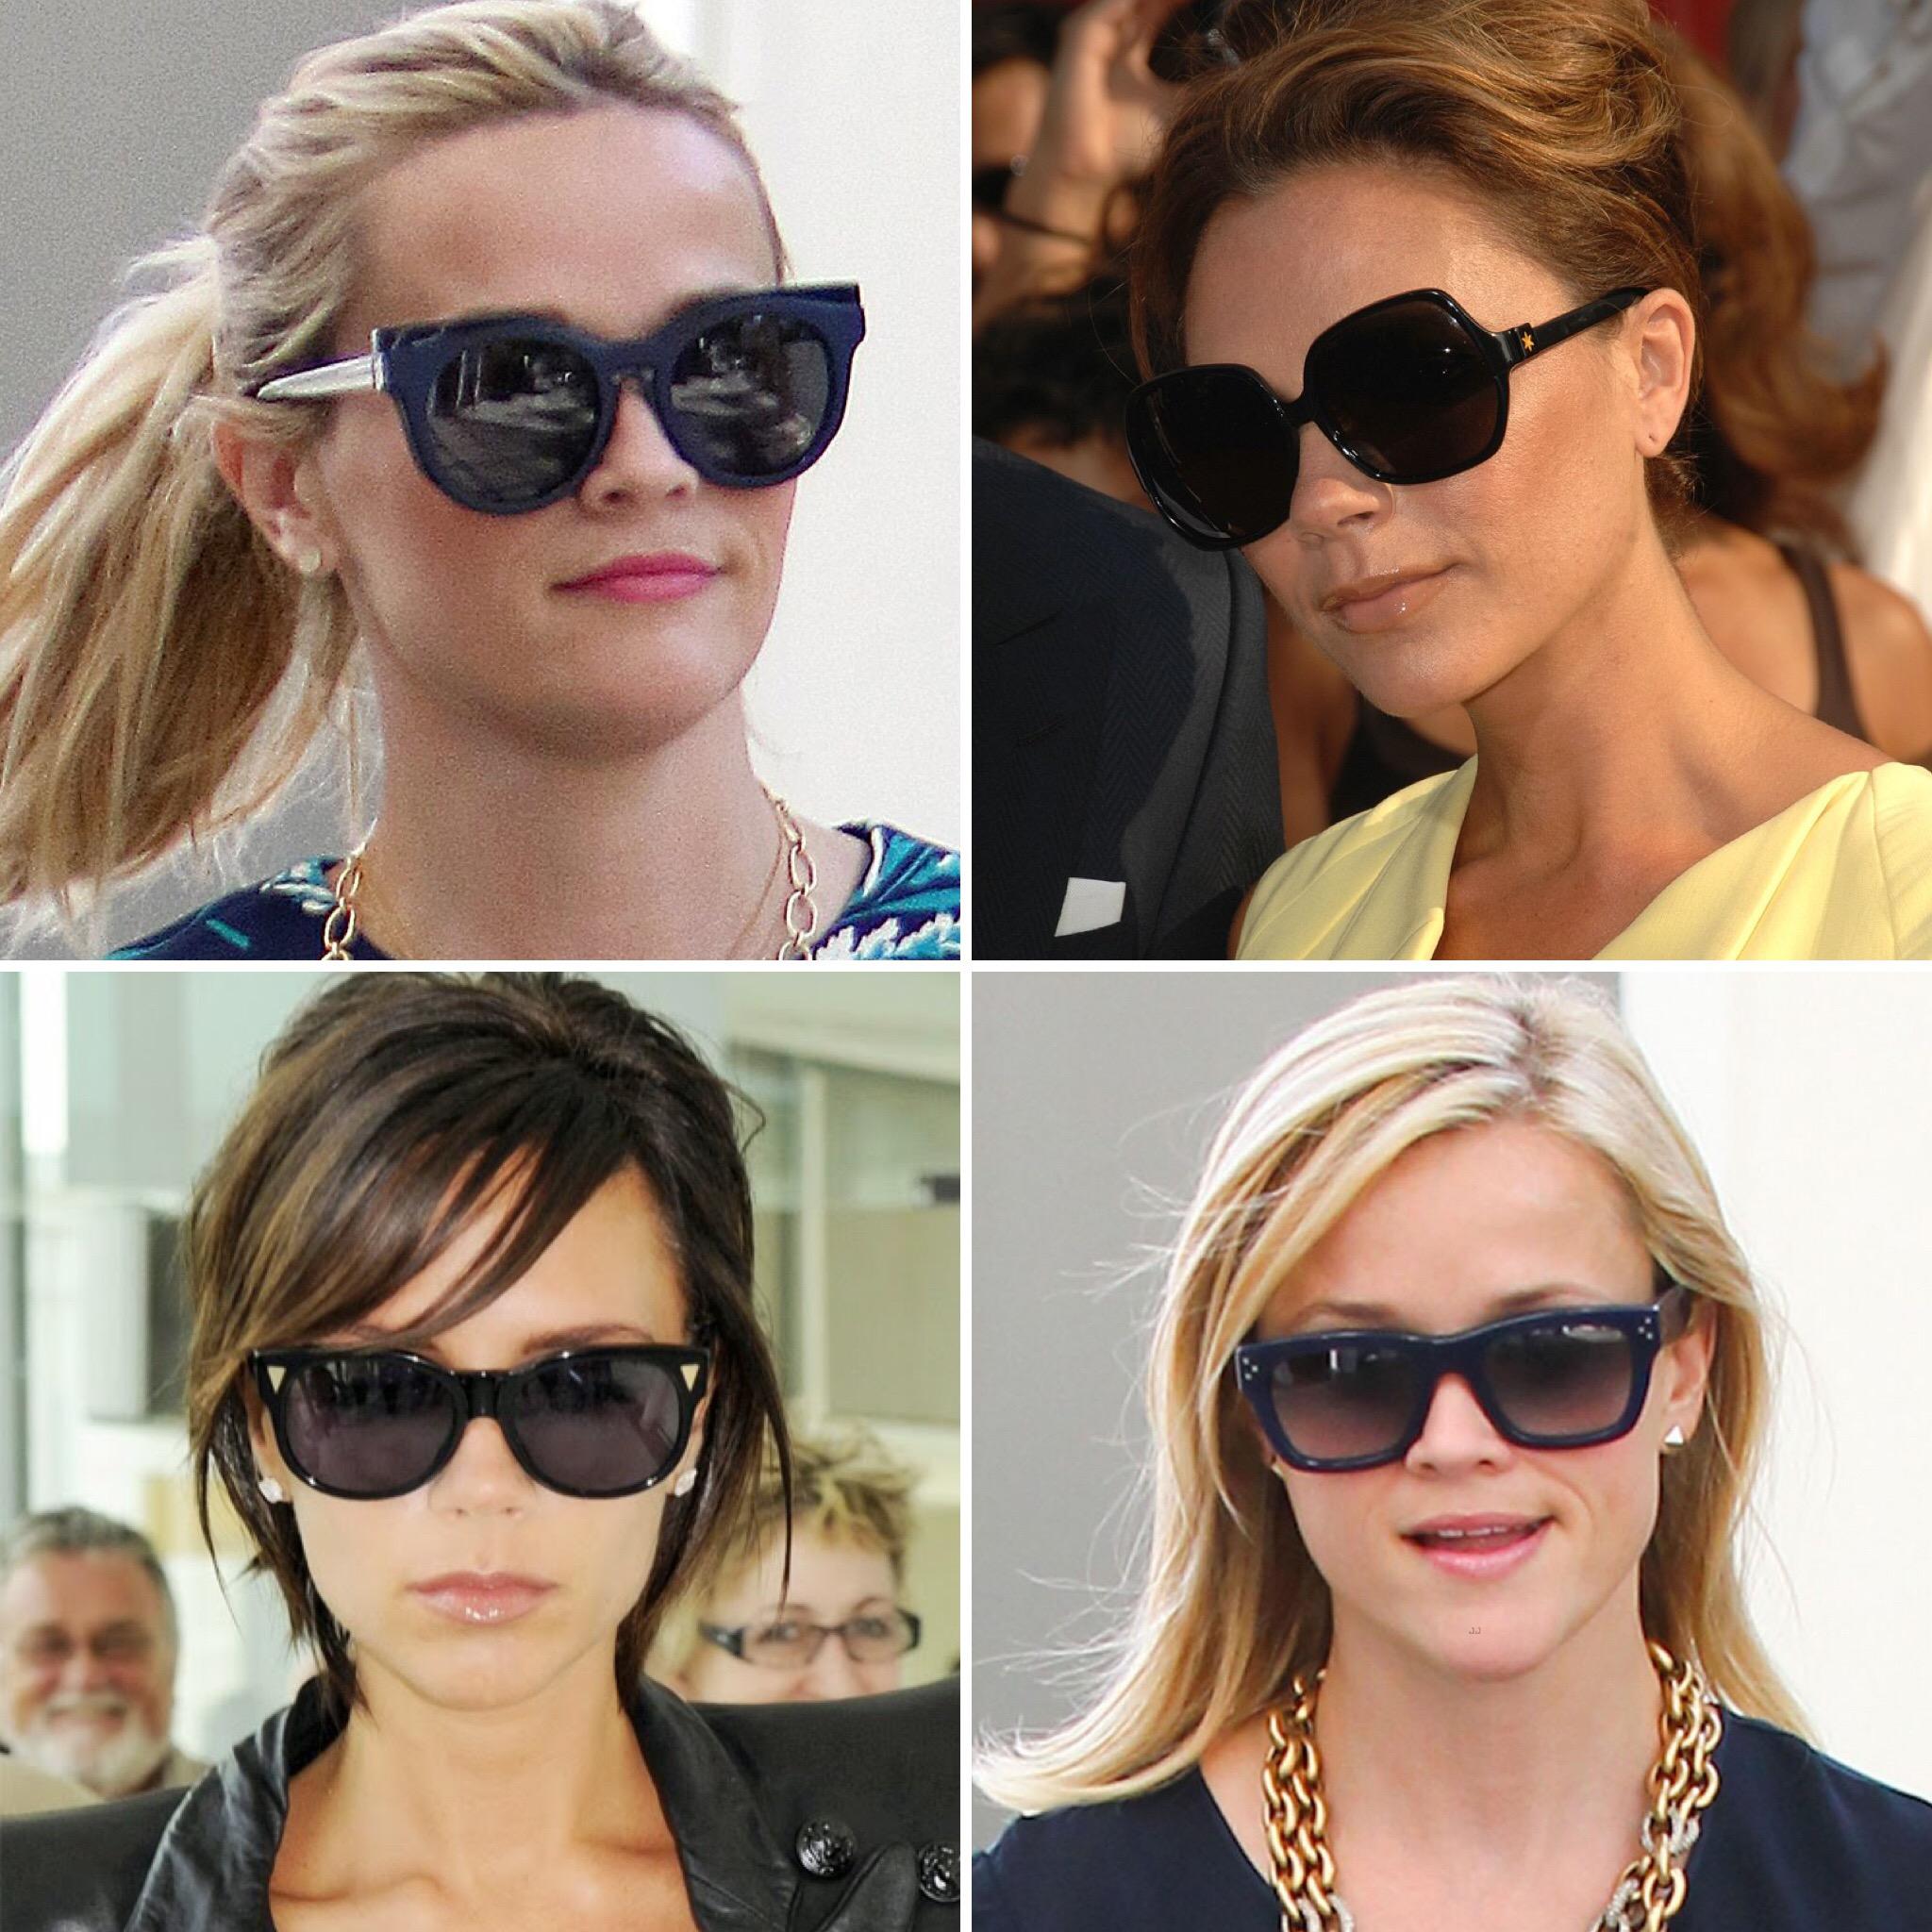 metà fuori e3e9f afac4 Come scegliere gli occhiali da sole? | Consulente di ...